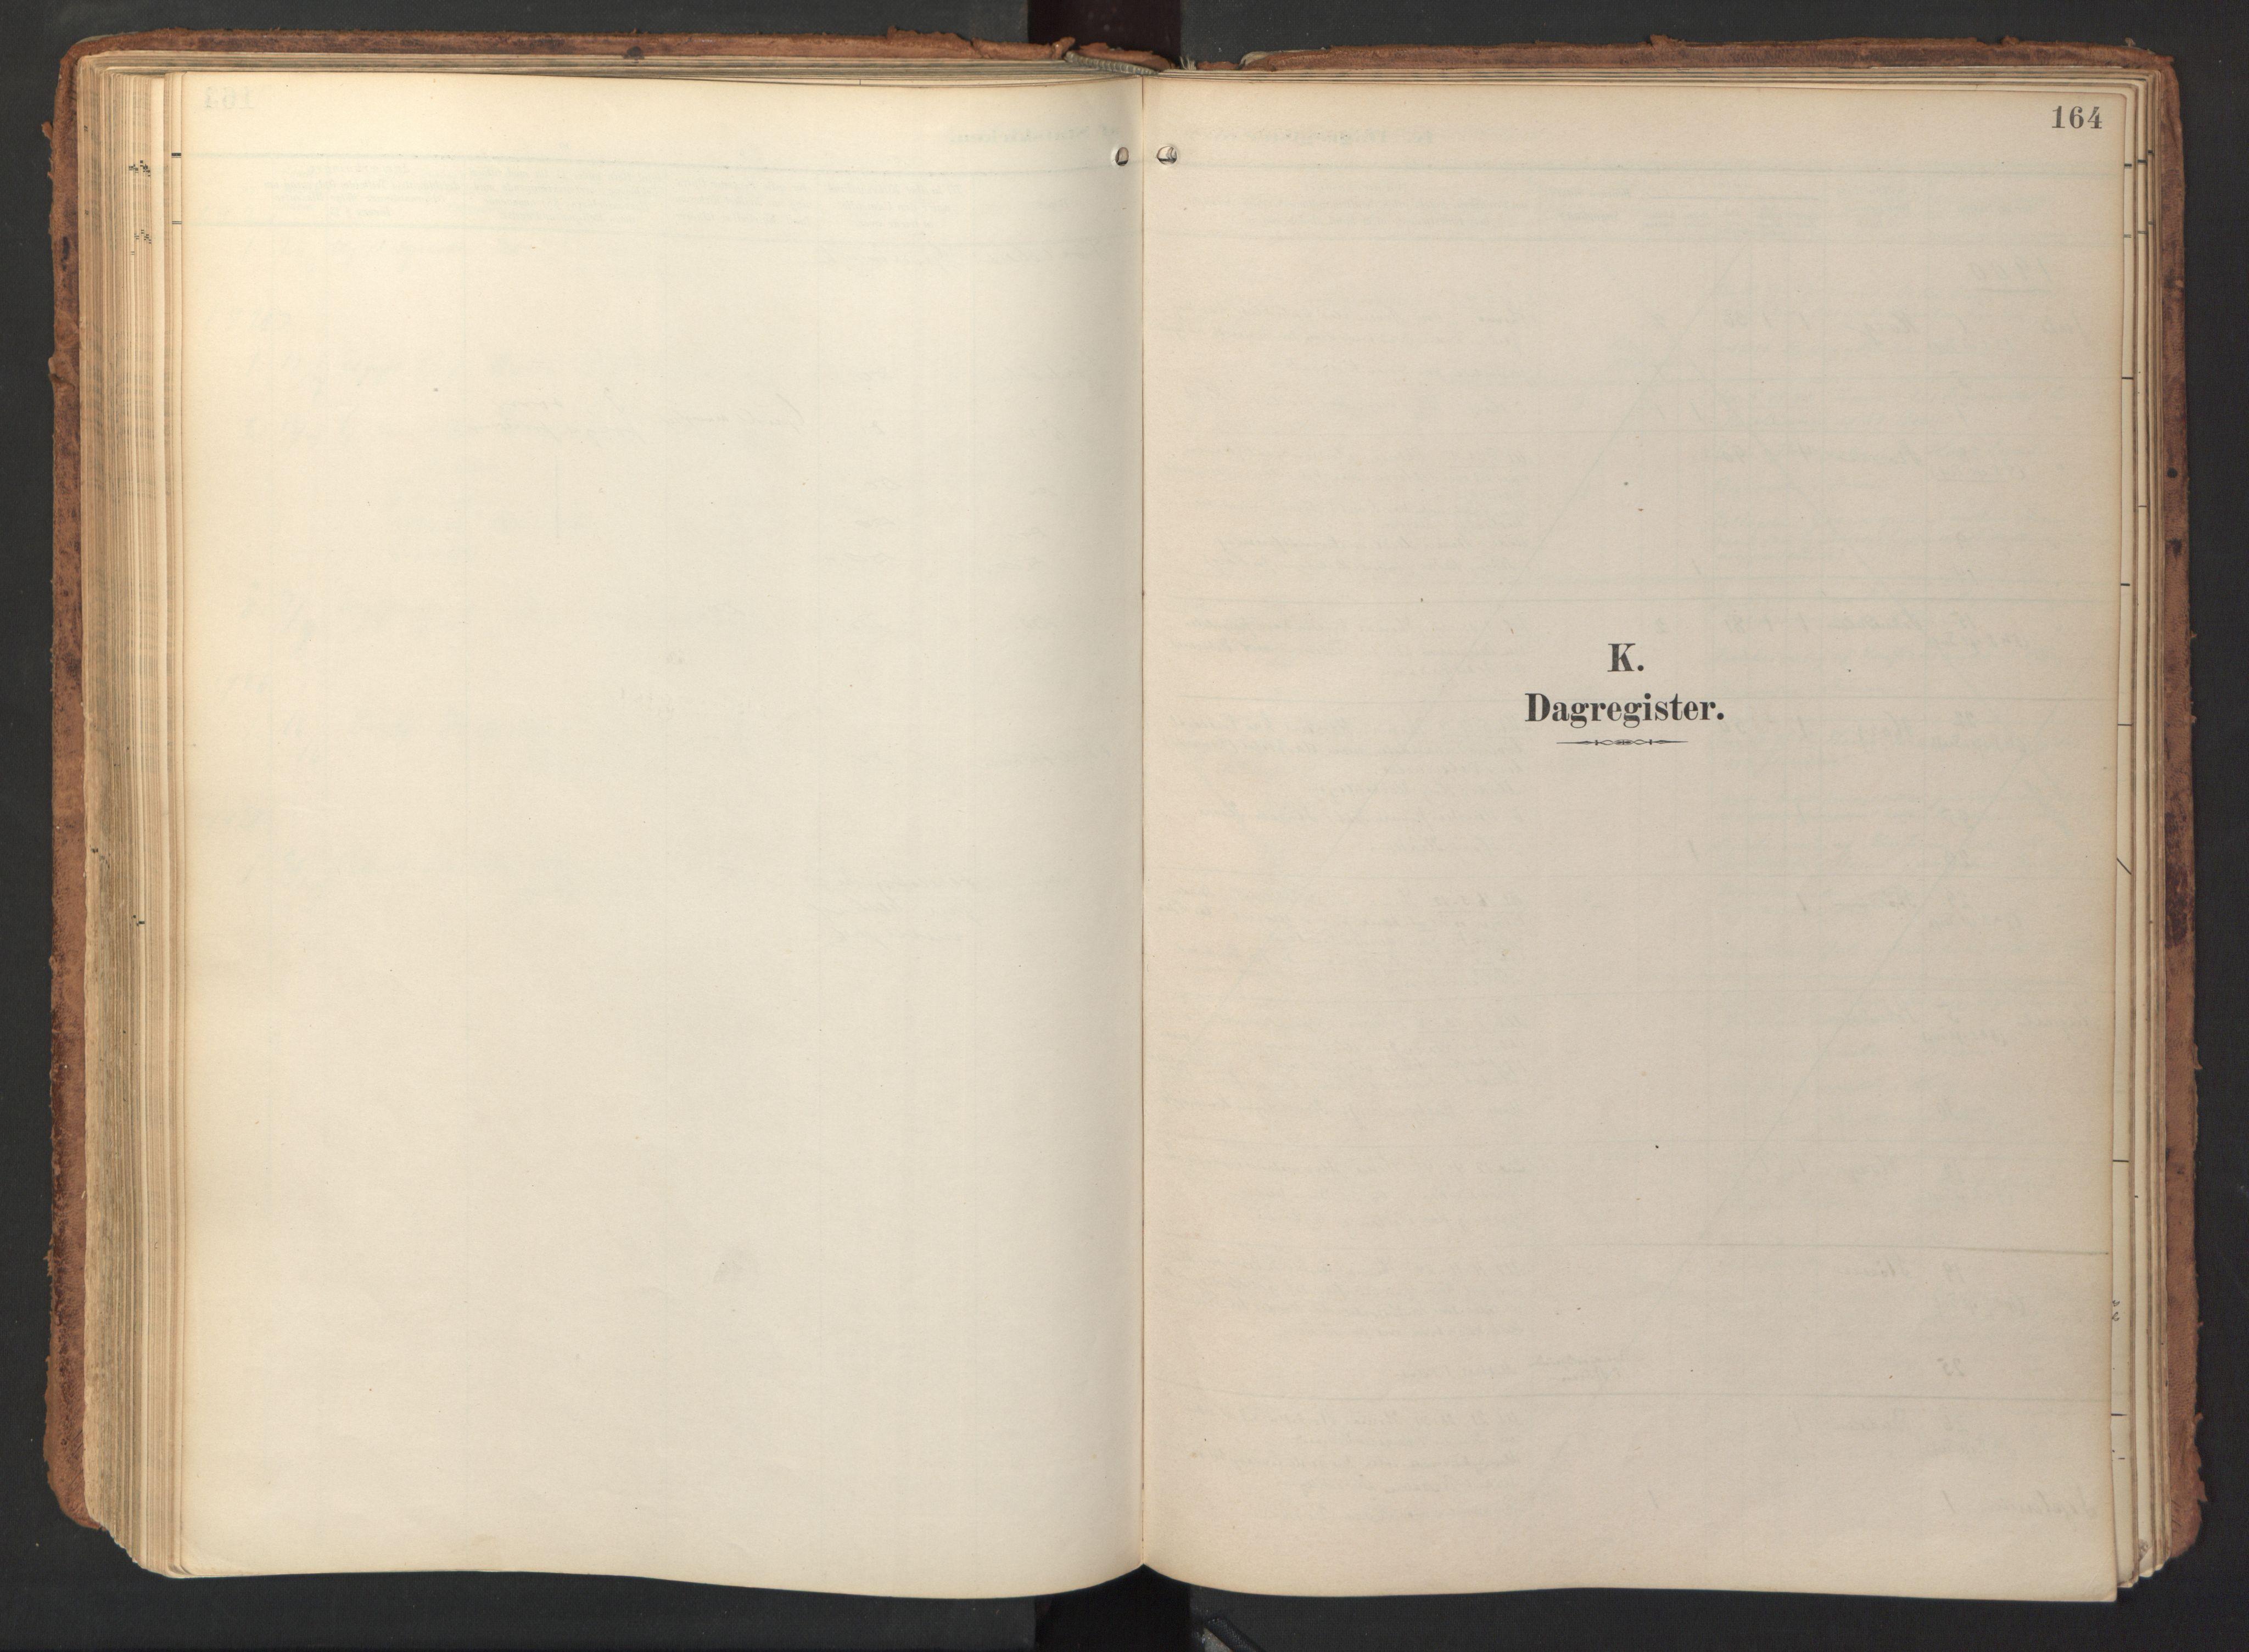 SAT, Ministerialprotokoller, klokkerbøker og fødselsregistre - Sør-Trøndelag, 690/L1050: Ministerialbok nr. 690A01, 1889-1929, s. 164